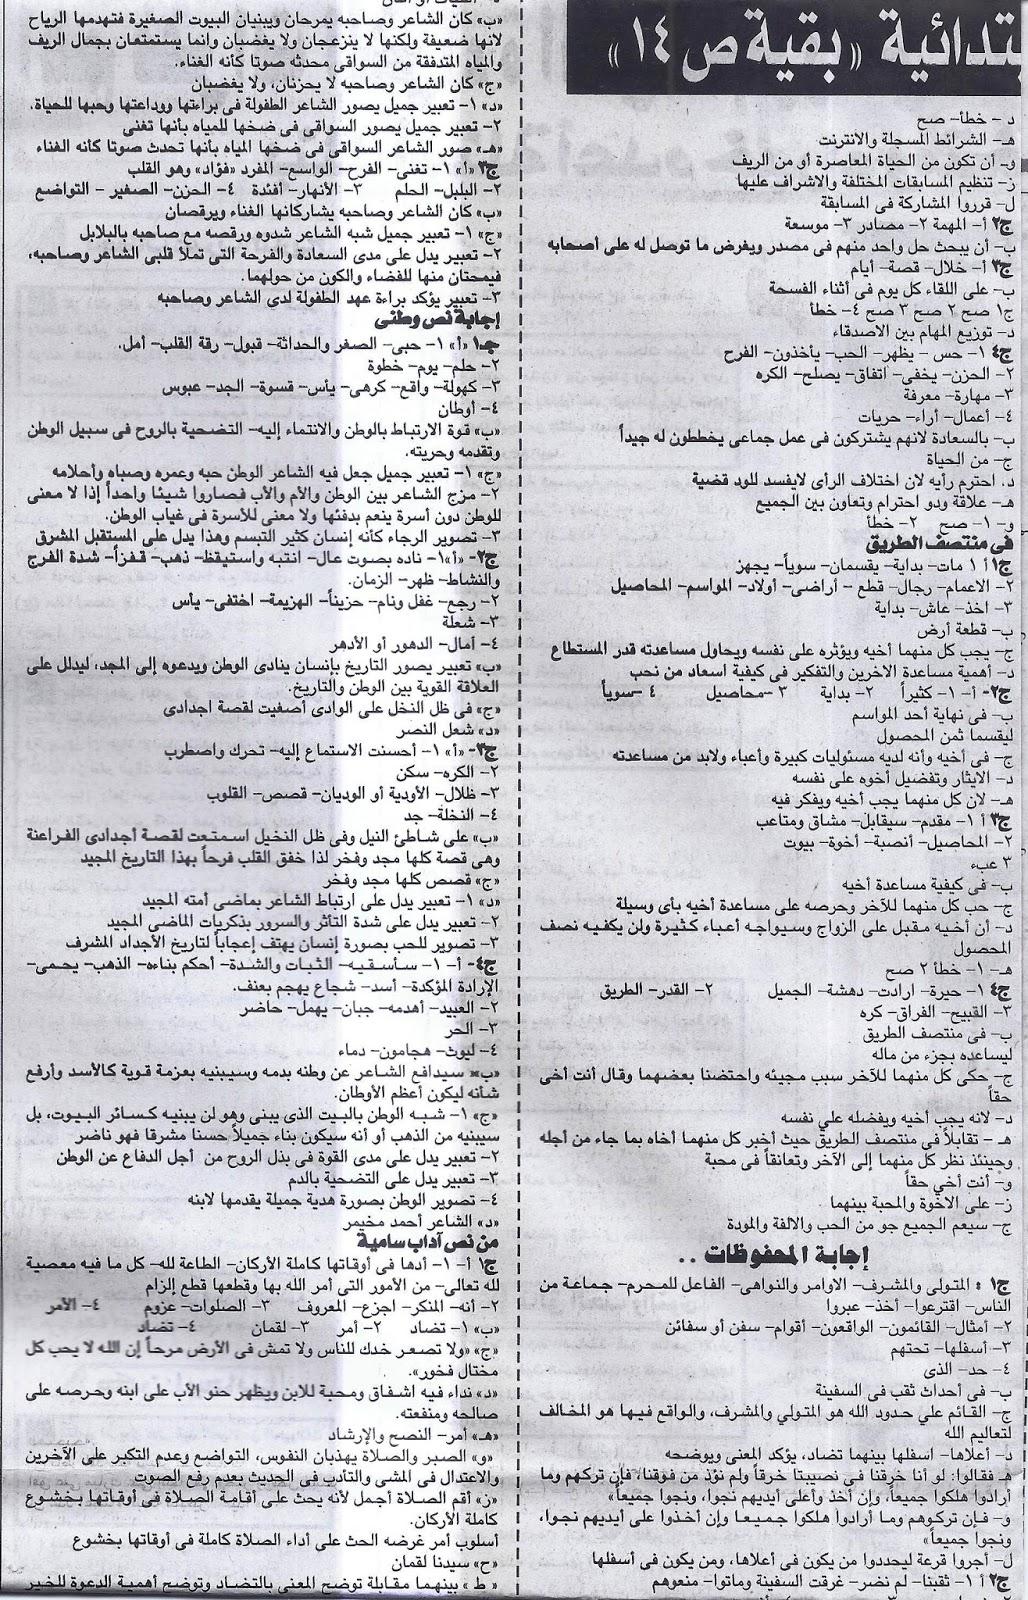 بنك سؤال وجواب لغة عربية الشهادة الابتدائية لن يخرج عنة امتحان اخر العام - ملحق الجمهورية 7/5/2016 7